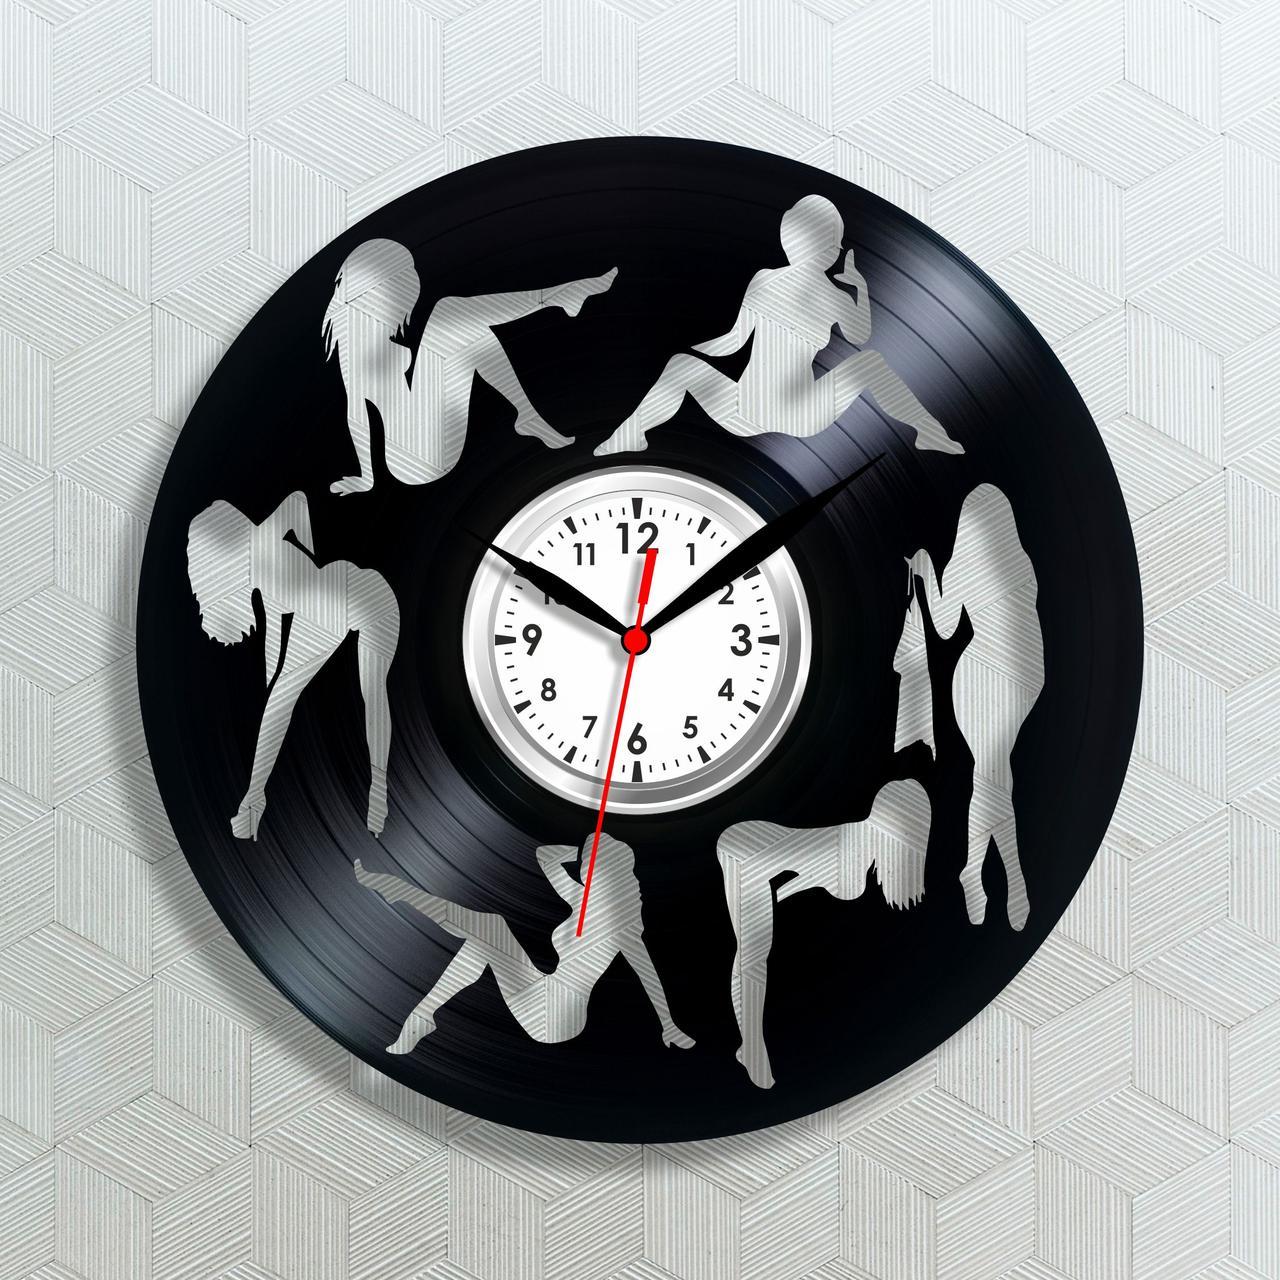 чилийском часы с позами любви картинки прикольные вариант для тех